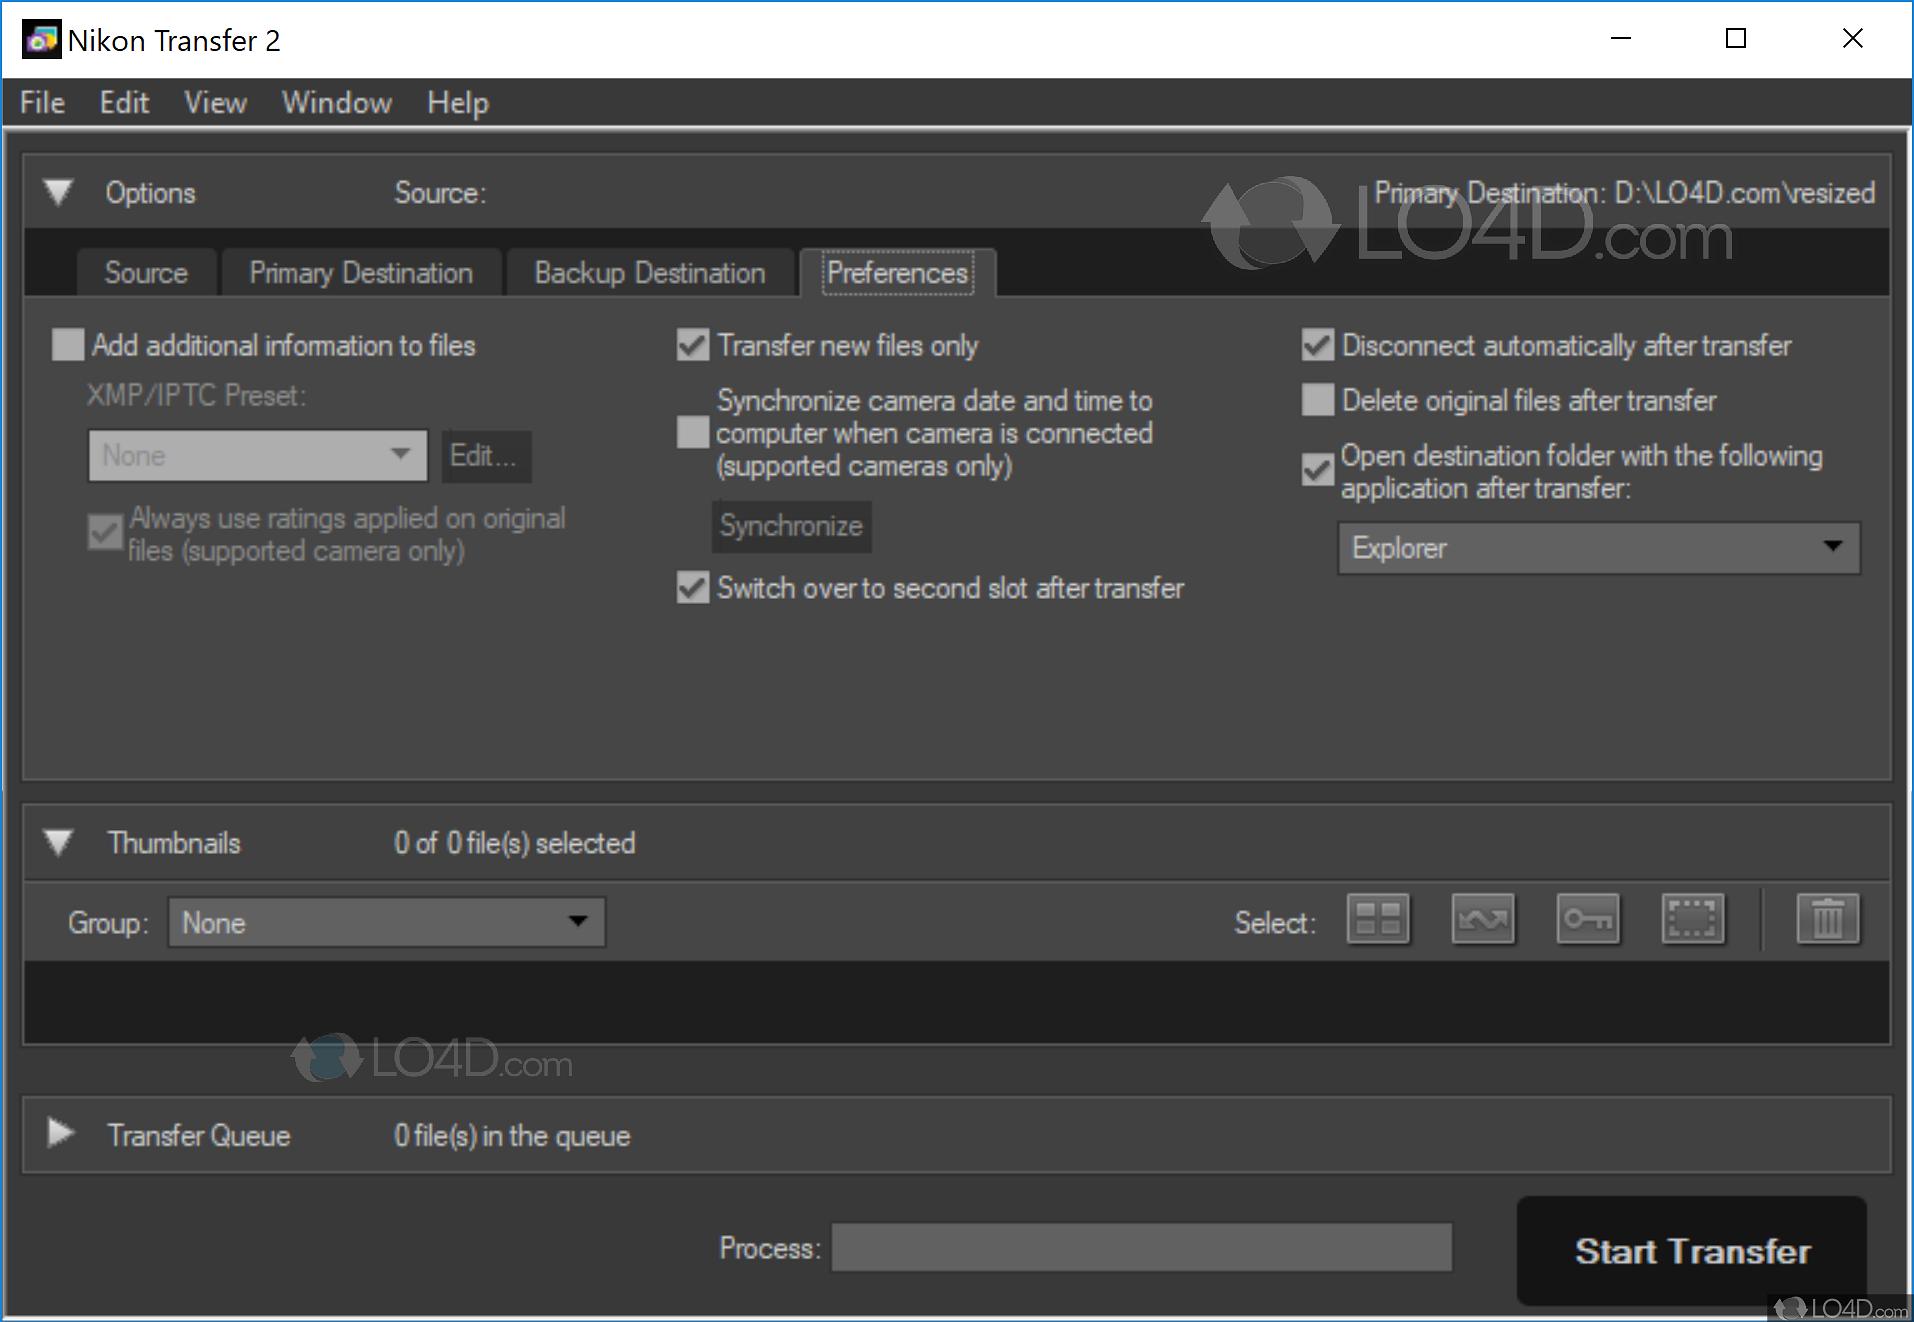 Nikon transfer download windows 8. 1:: nyoupricersup.